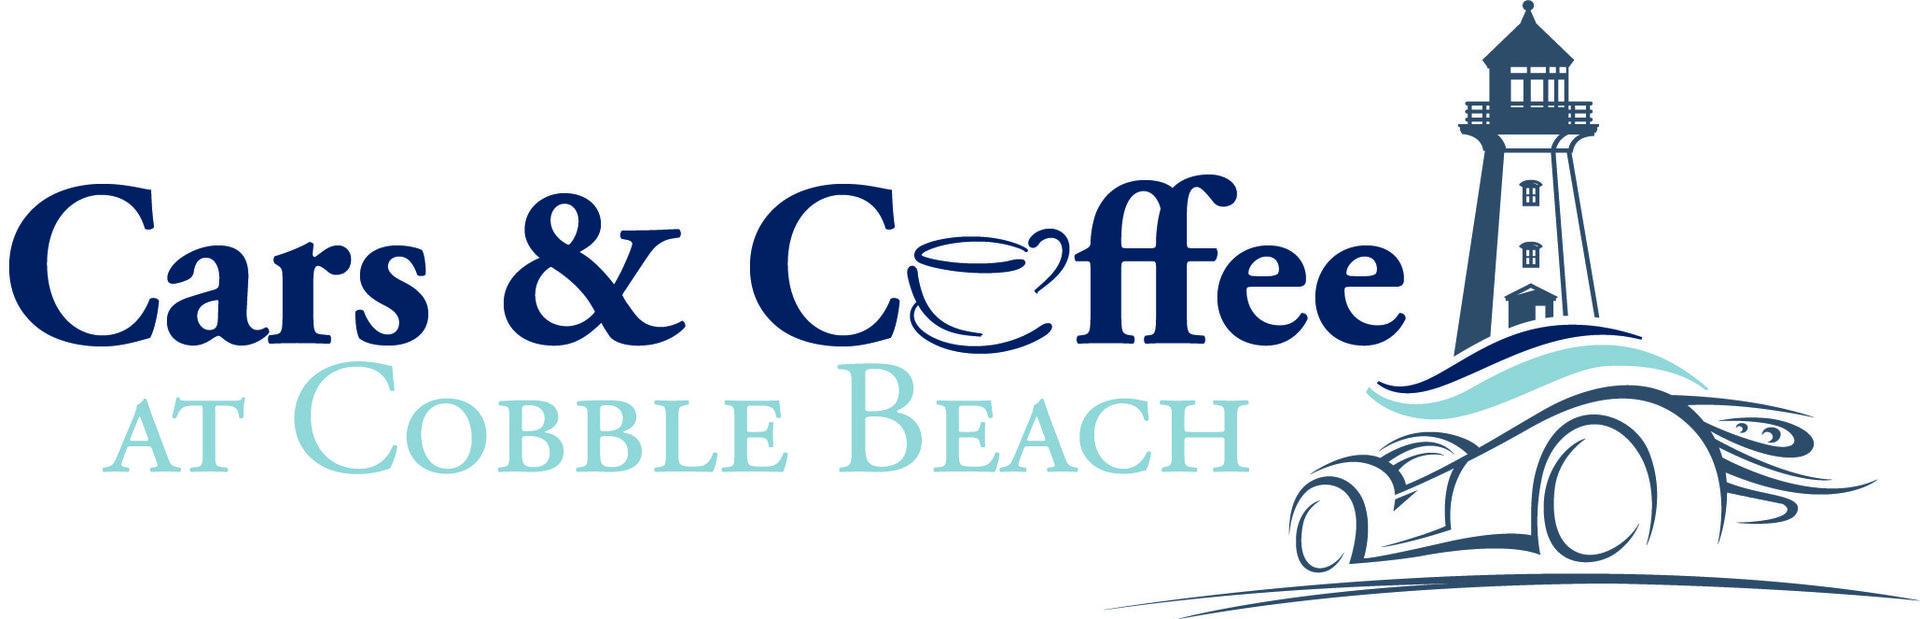 Cars & Coffee at Cobble Beach